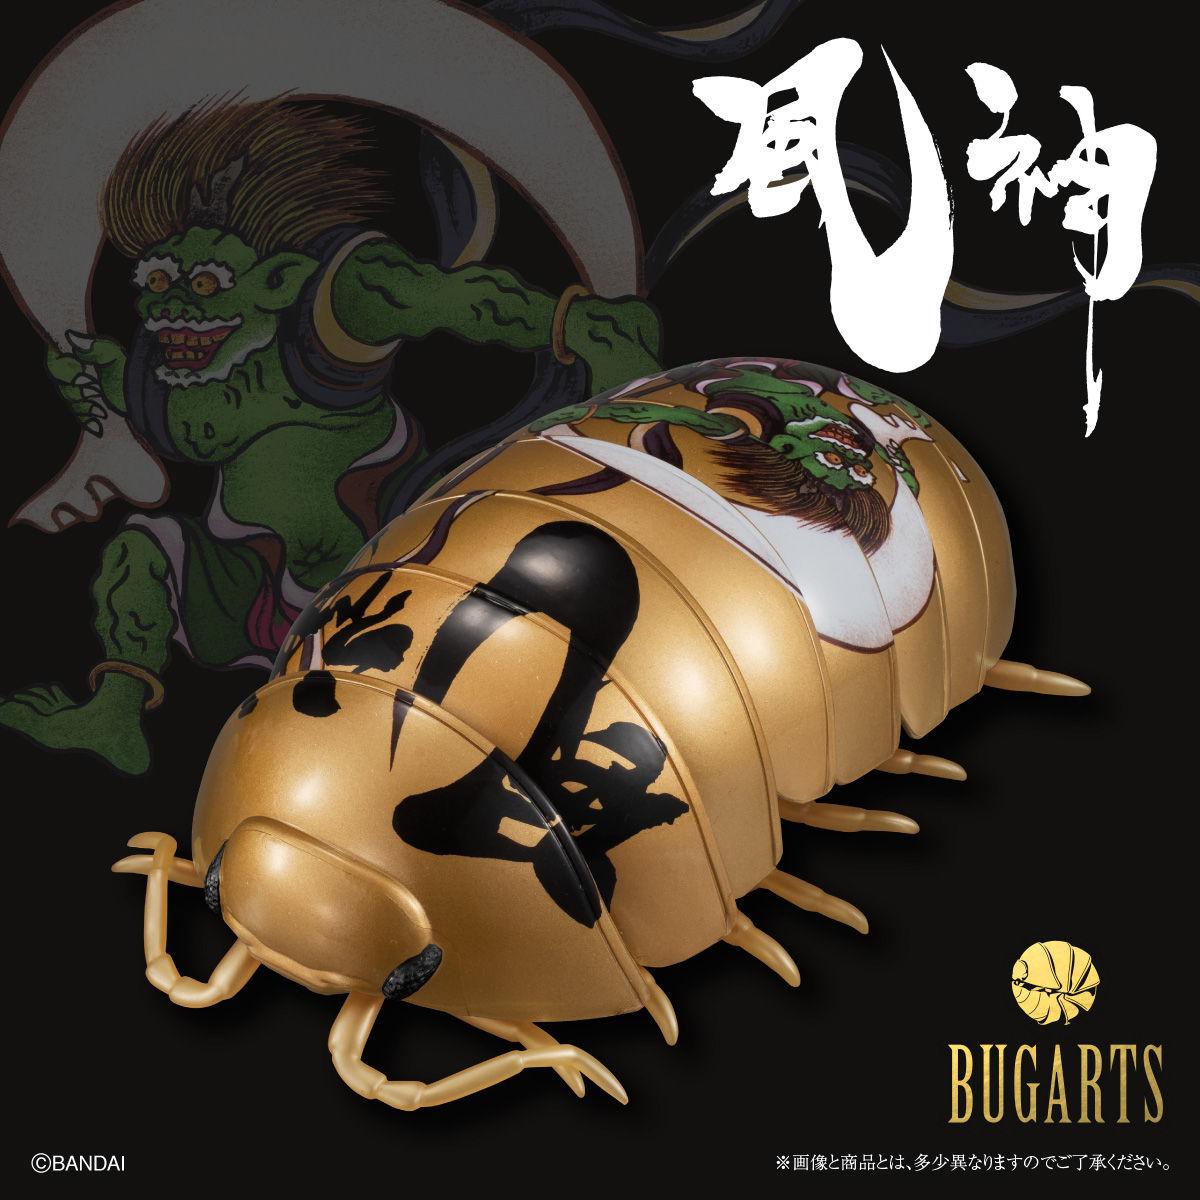 ガシャポン『BUGARTS 風神雷神図』可動フィギュア-003